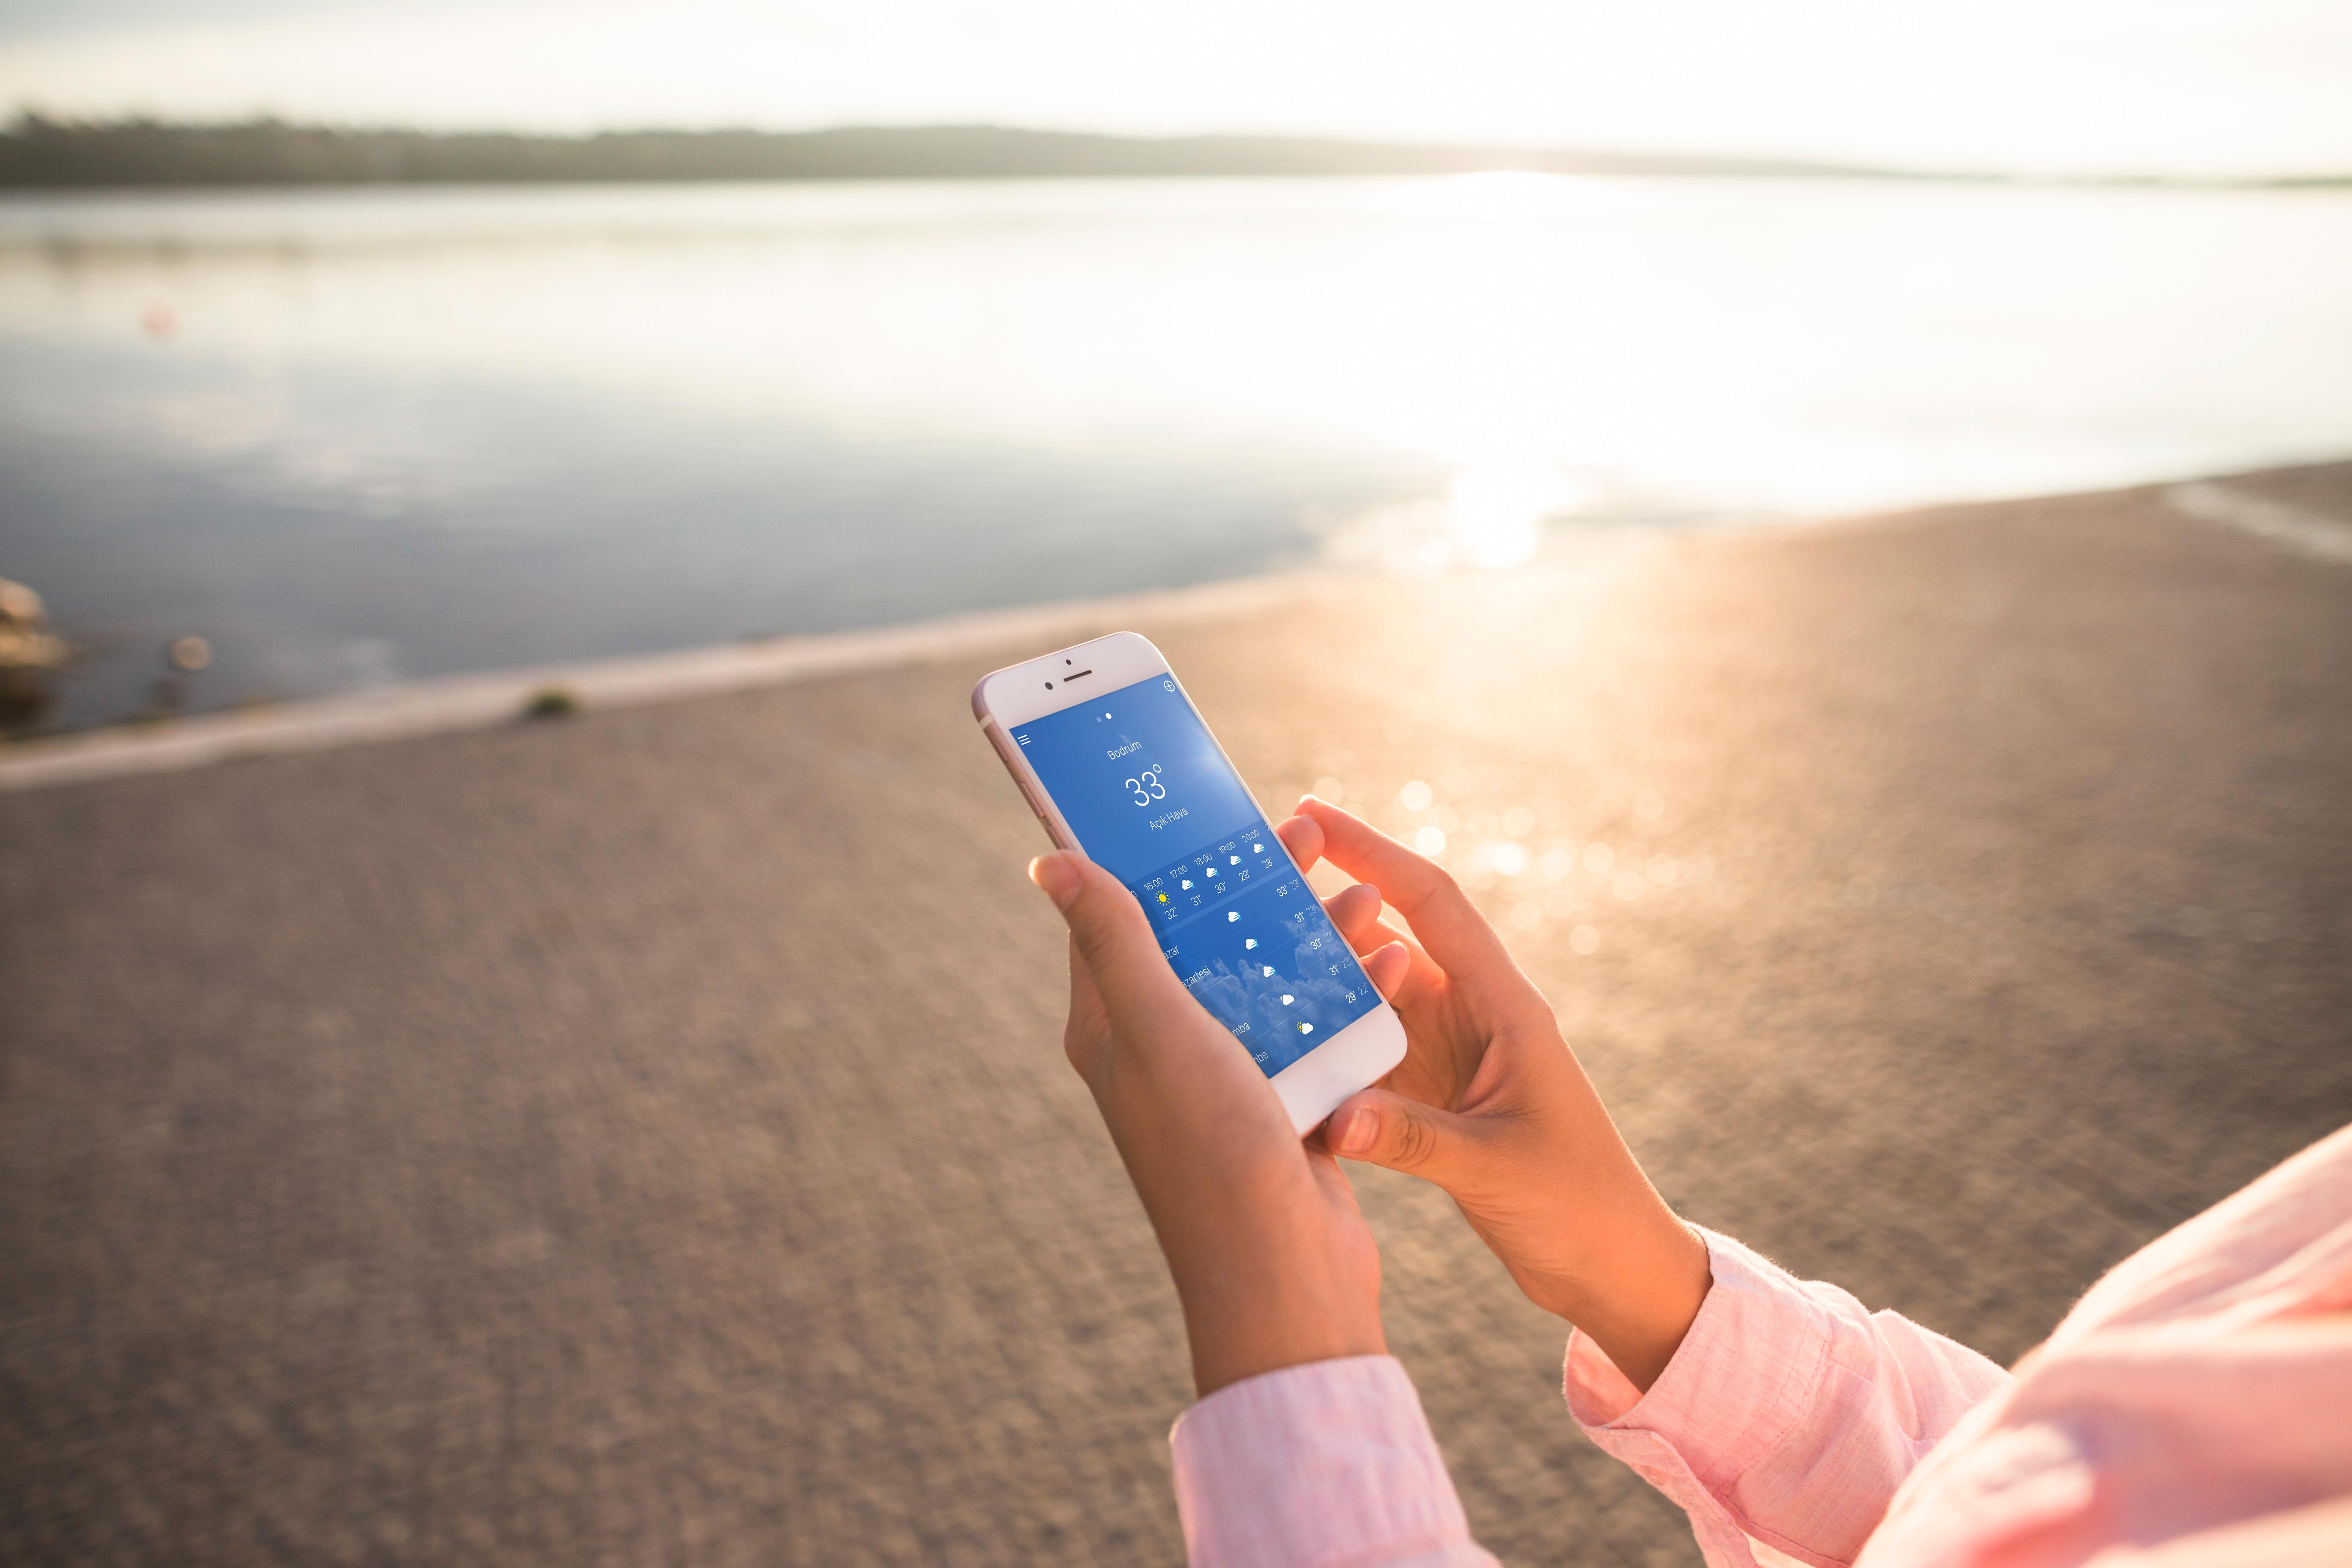 Hava Forum Mobil Uygulama